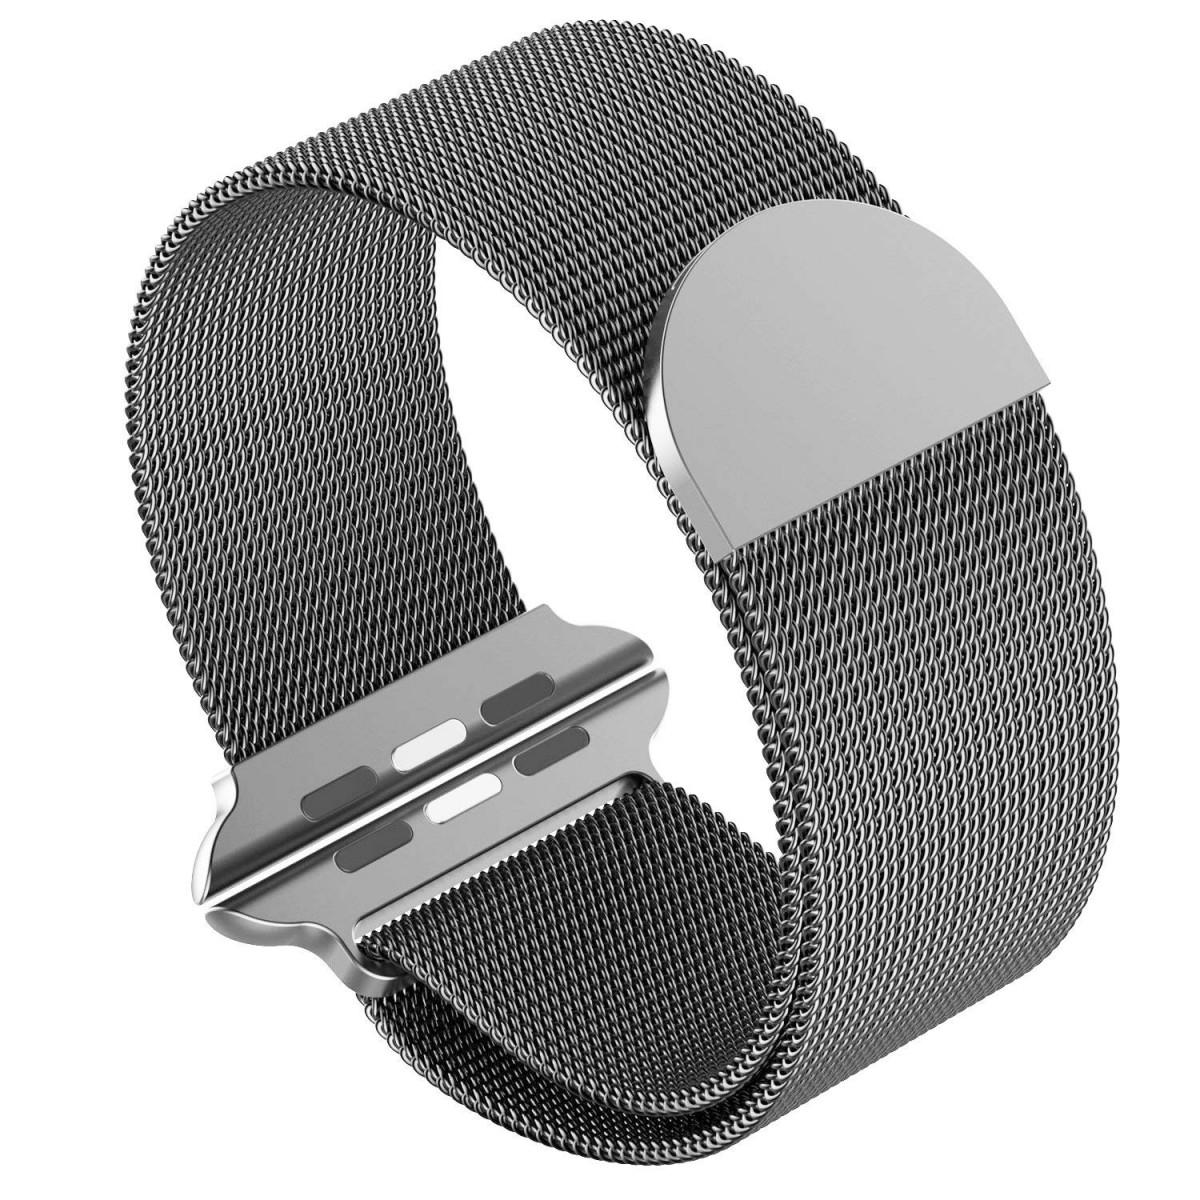 Řemínek MILANESE LOOP pro Apple Watch Series 3/2/1 38mm - Vesmírně šedý